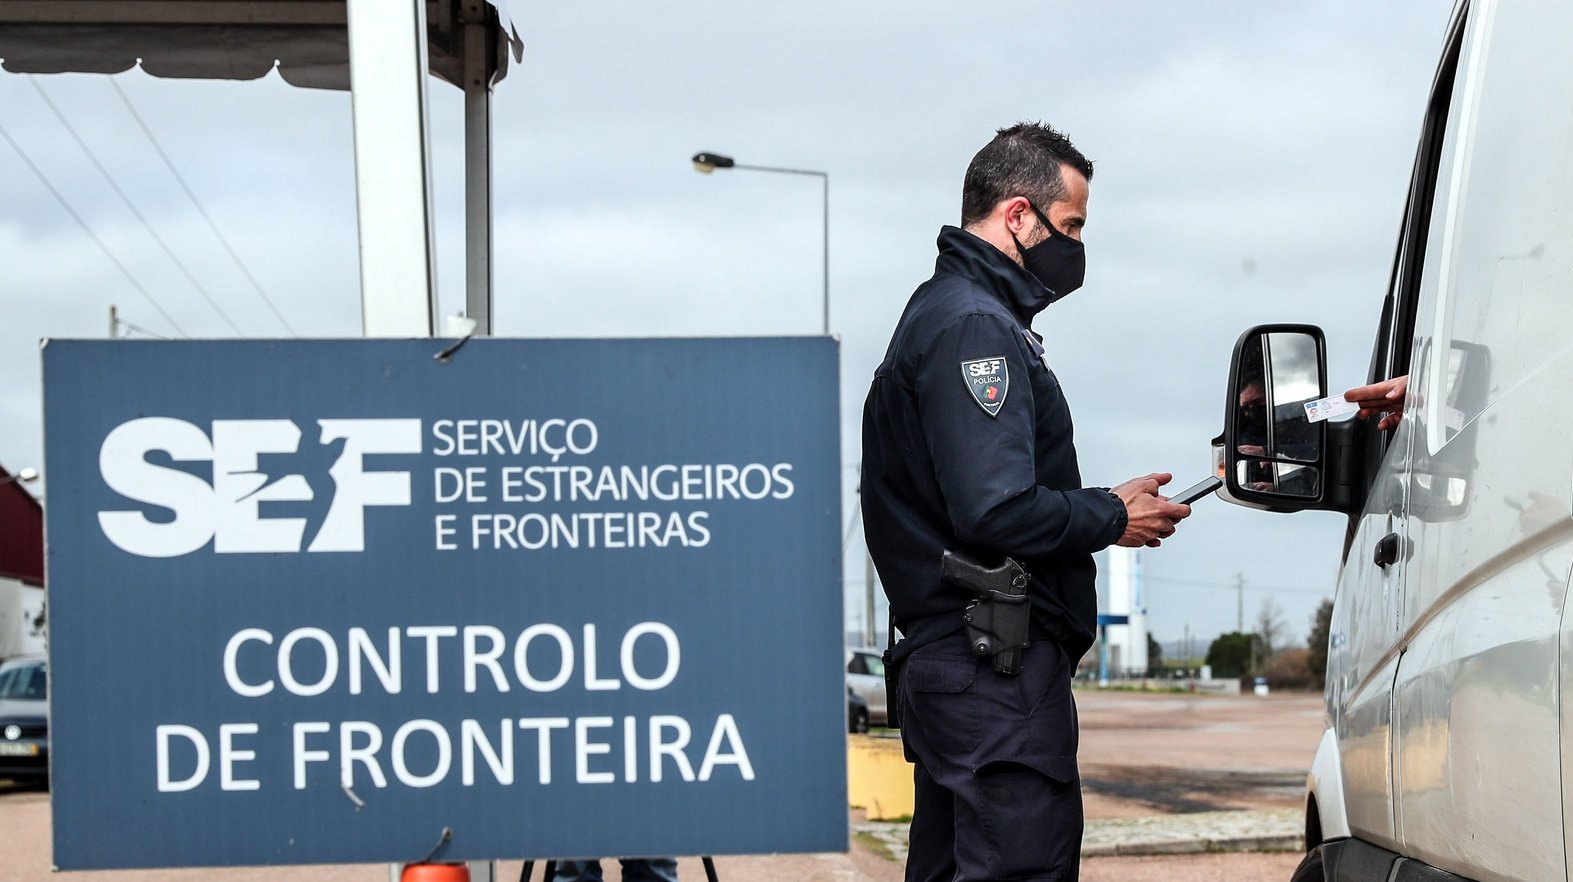 Um agente do Serviço de Estrangeiros e Fronteiras (SEF) verifica a identificação de um automobilista durante uma operação de controlo na entrada em Portugal pela fronteira do Caia (Elvas), 1 de fevereiro de 2021. As fronteiras foram repostas desde as 00:00 de domingo, dia 31 de janeiro, no âmbito das medidas para conter a propagação da covid-19 no território português. NUNO VEIGA/LUSA